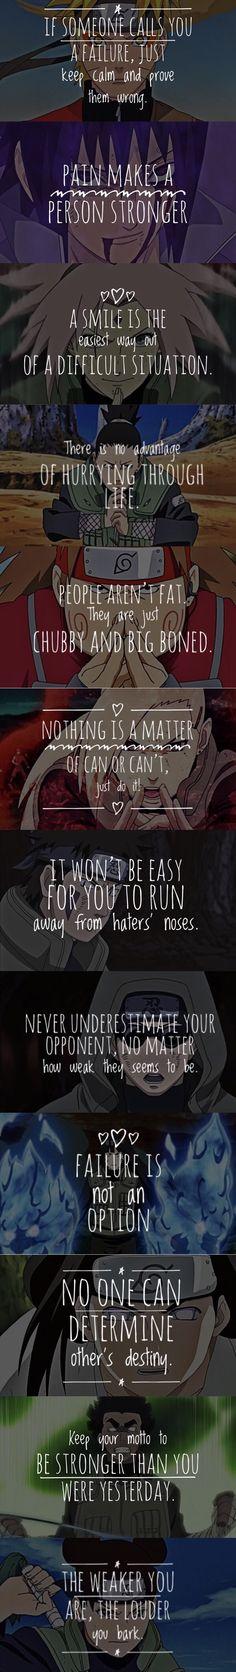 NARUTO QUOTES SET: 3 of 5 Naruto taught us so much! Nothing can replace my place for Naruto in my Heart. #NarutoQuotes #NarutoFacts #NaraShikamaru #AkimichiChouji #Tenten #InuzukaKiba #YamanakaIno #Sai #SakuraUchiha #SasukeUchiha #NarutoUzumaki #Lee #AburameShino #Kakashi #NejiHyuga #HinataHyuga #SakuraHaruno